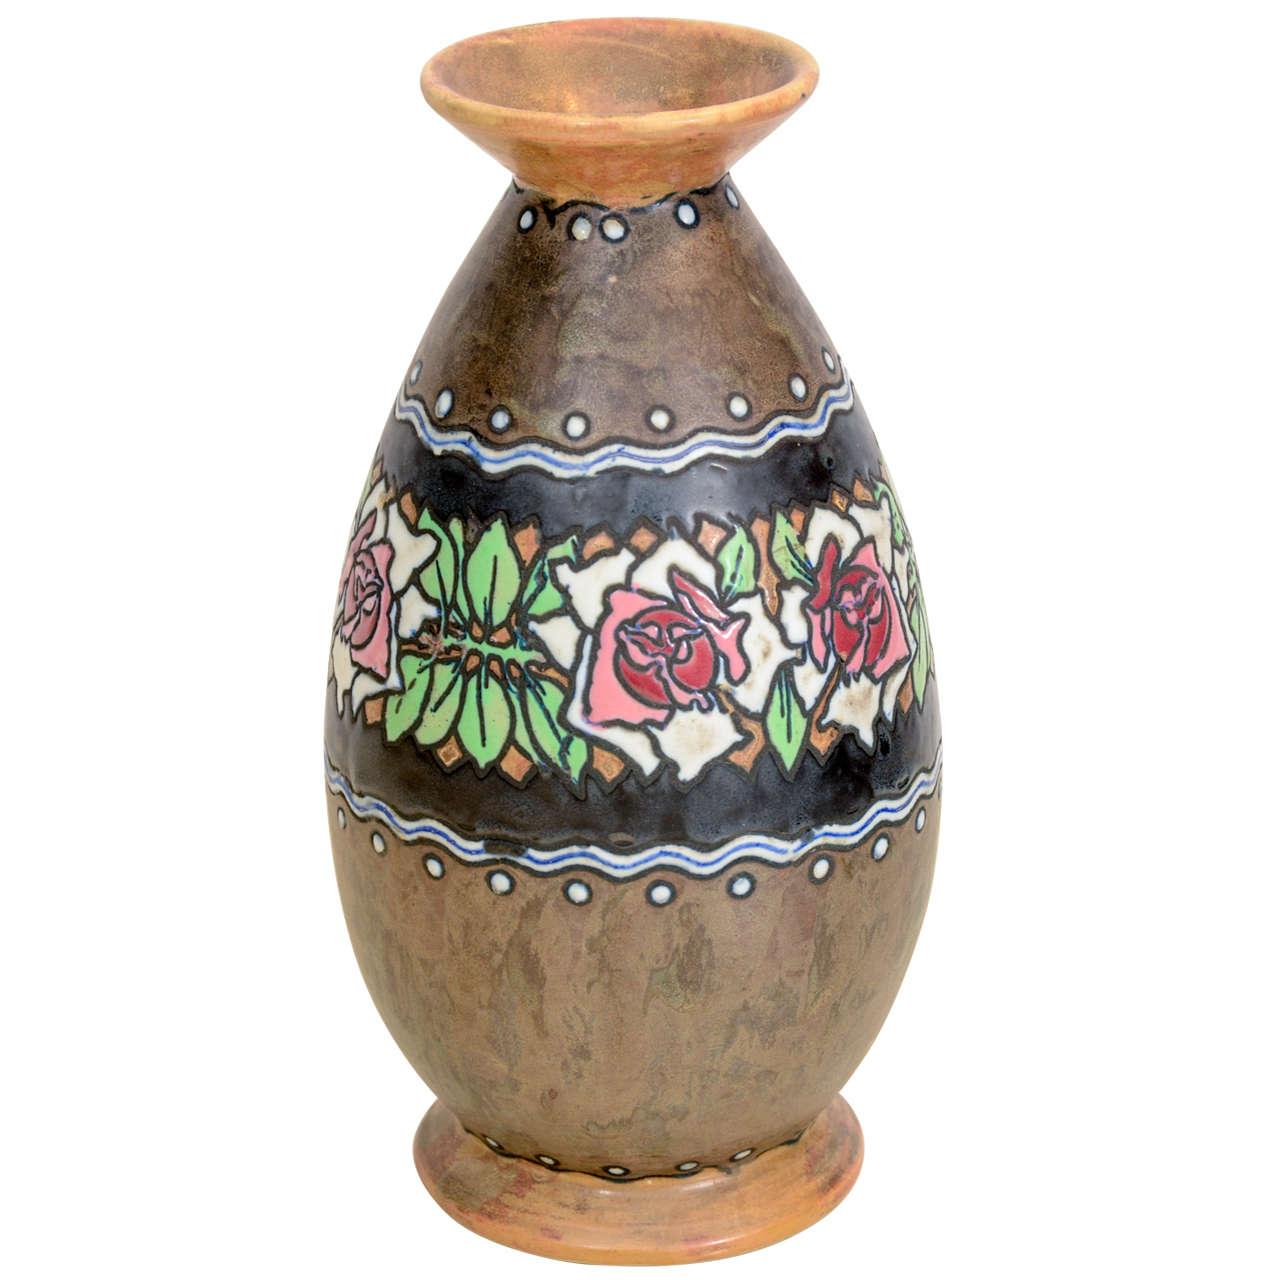 Boch Stoneware Vase